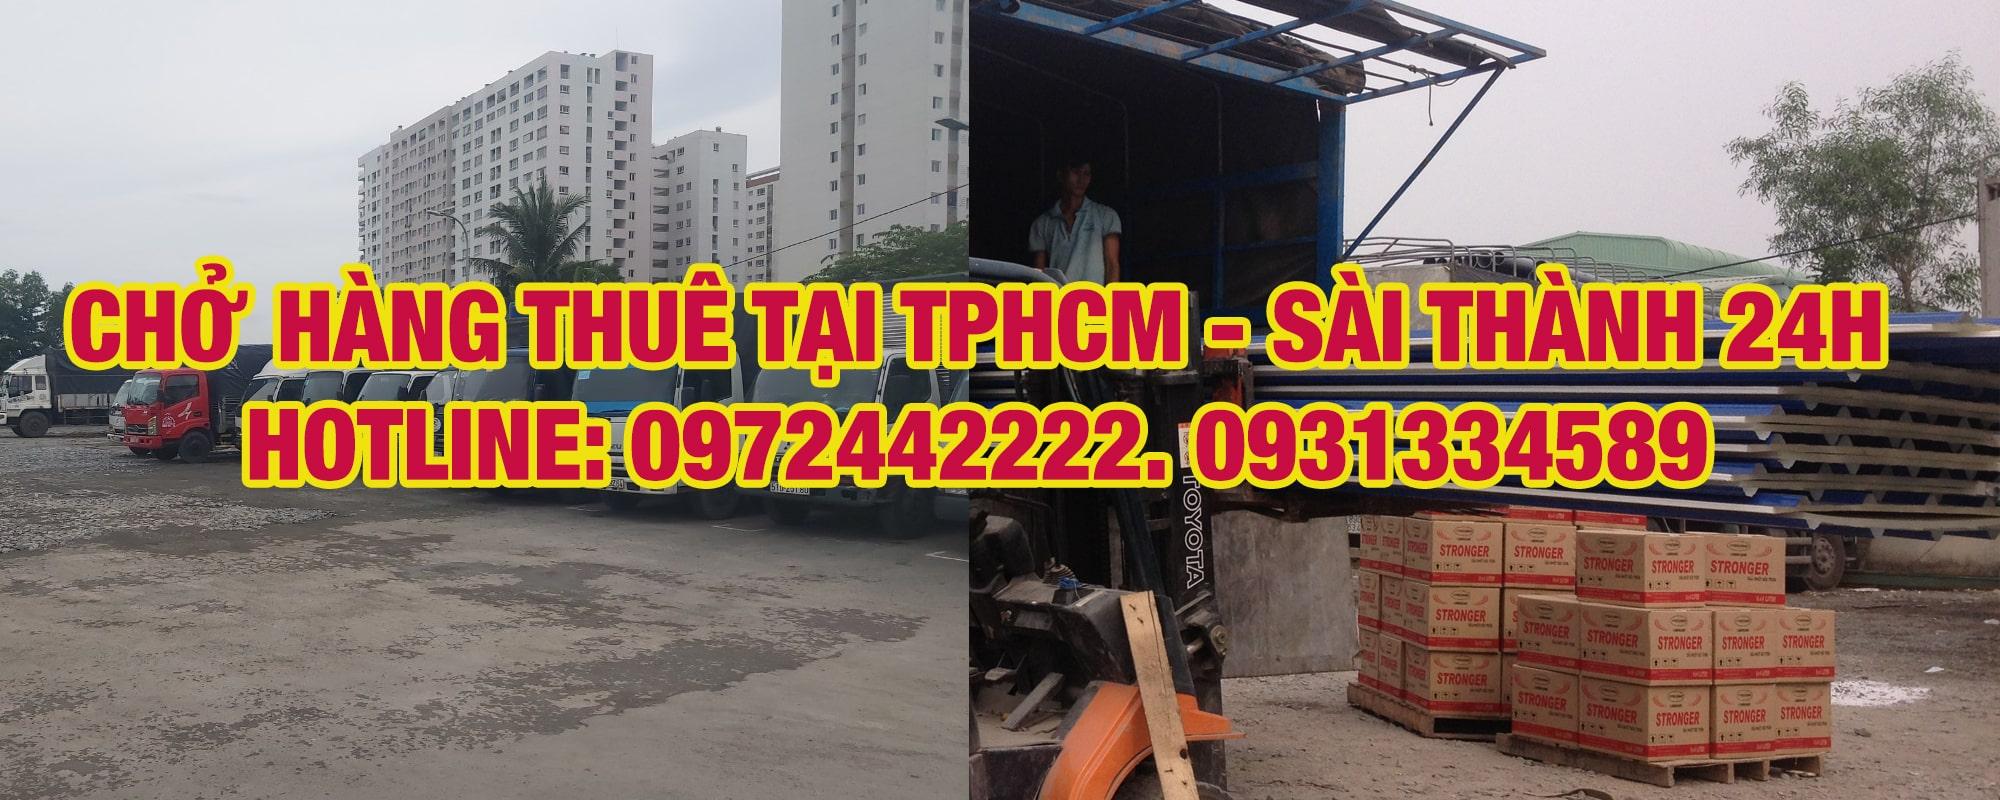 Dịch vụ vận chuyển- cho thuê xe tải chở hàng